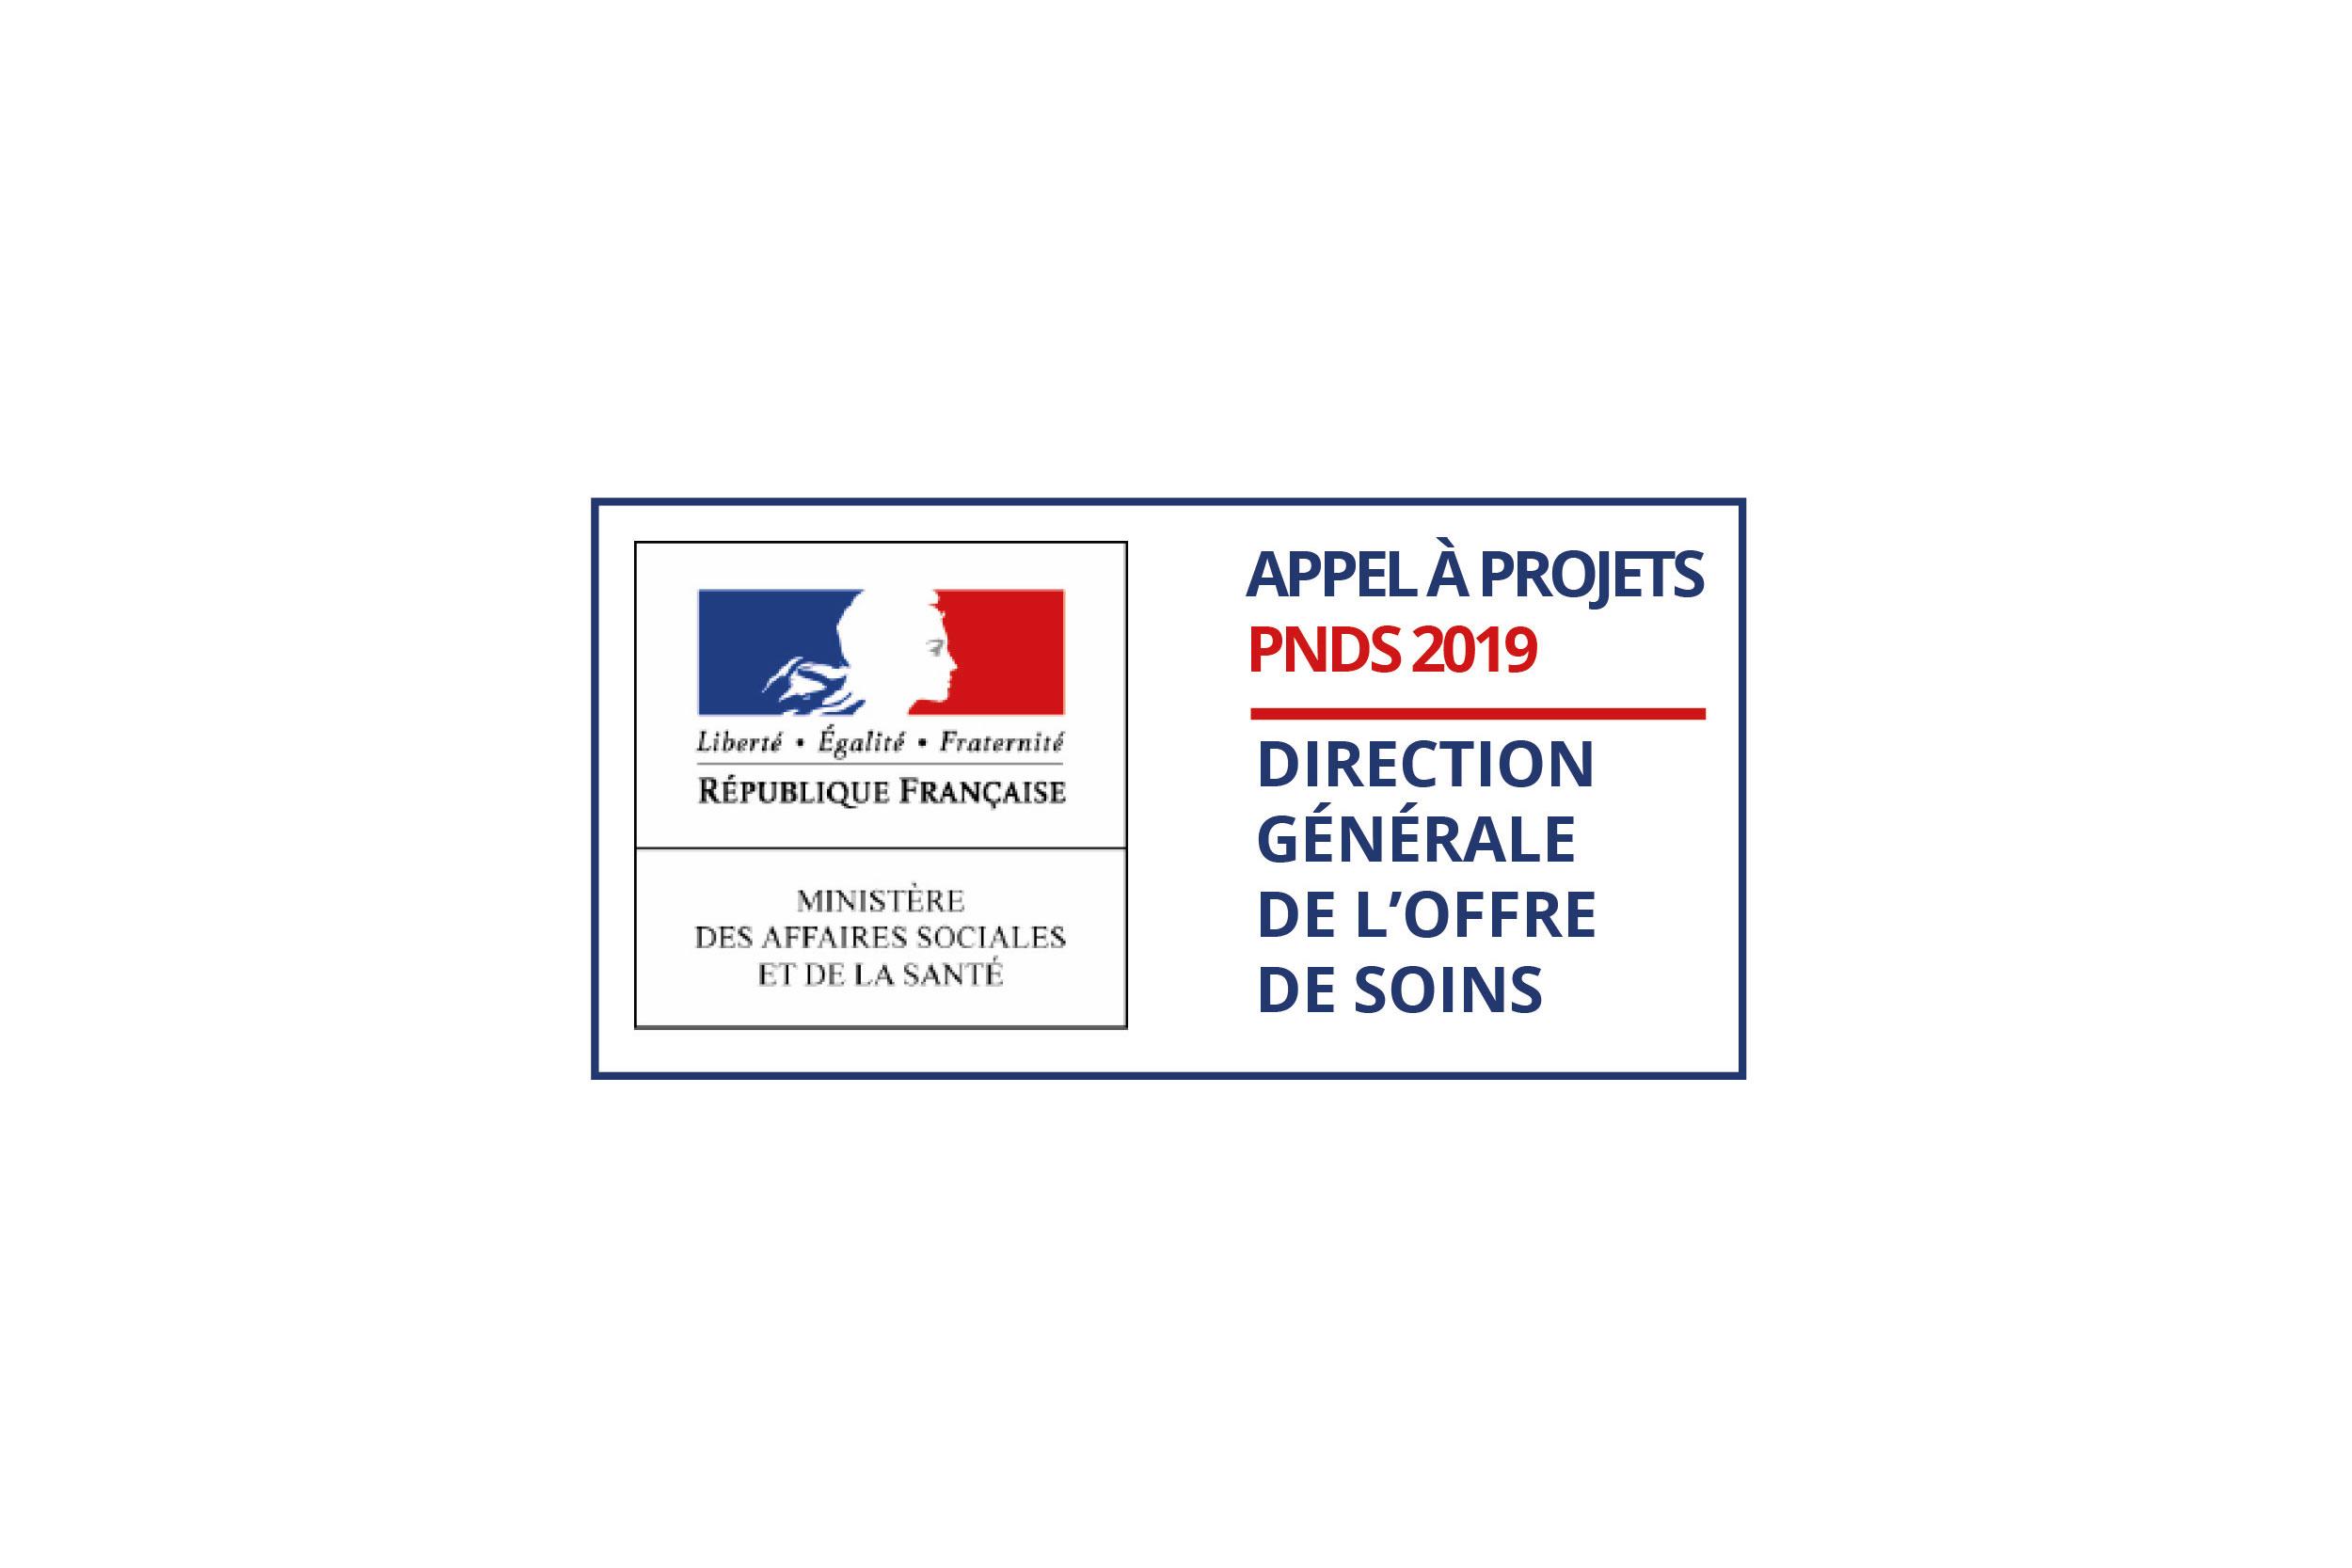 Appel à projets PNDS 2019